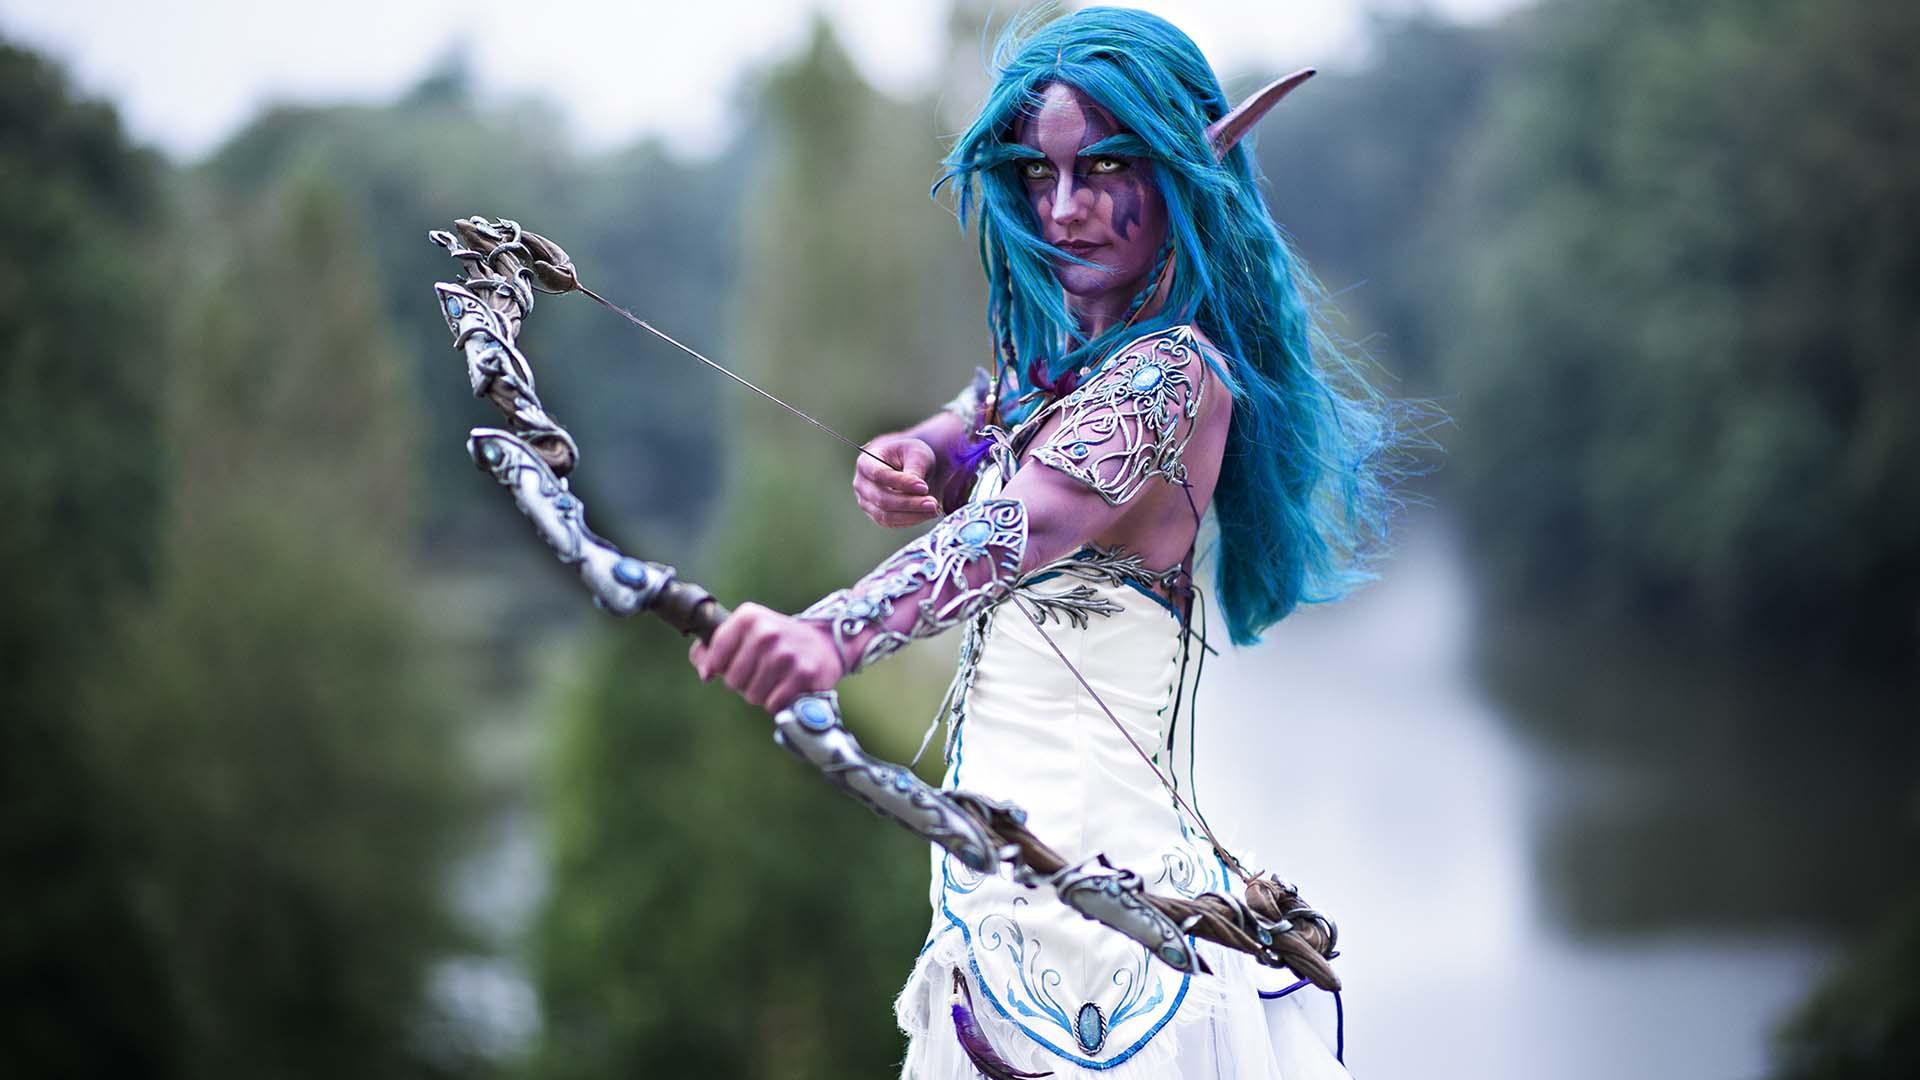 monde de Warcraft datant site gratuit sites de rencontre basés à San Francisco